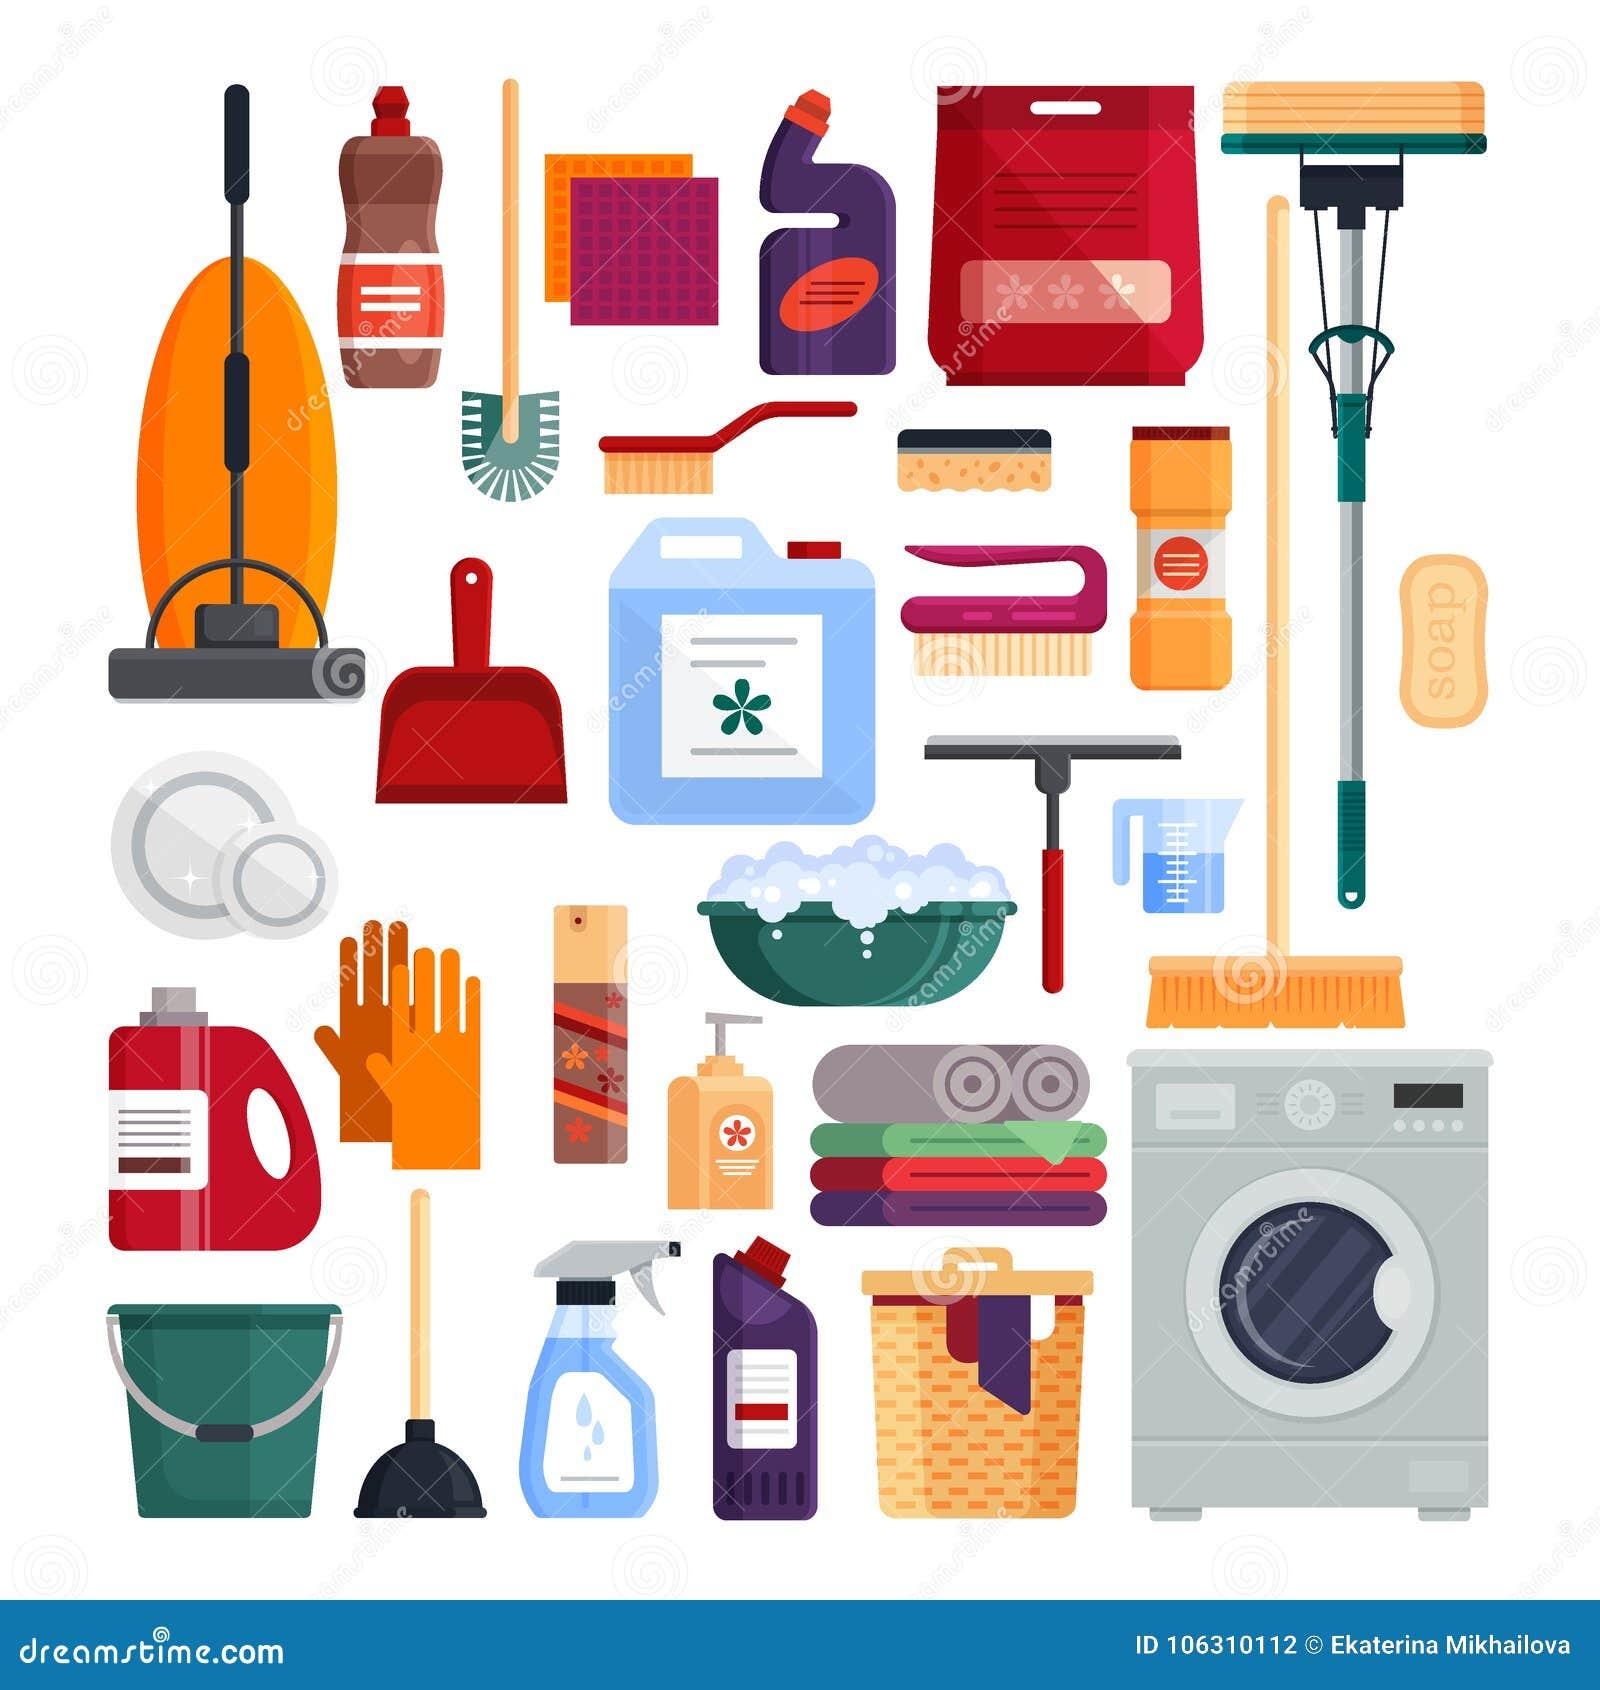 Limpieza a fondo del hogar limpieza de piscinas with - Limpieza a fondo casa ...